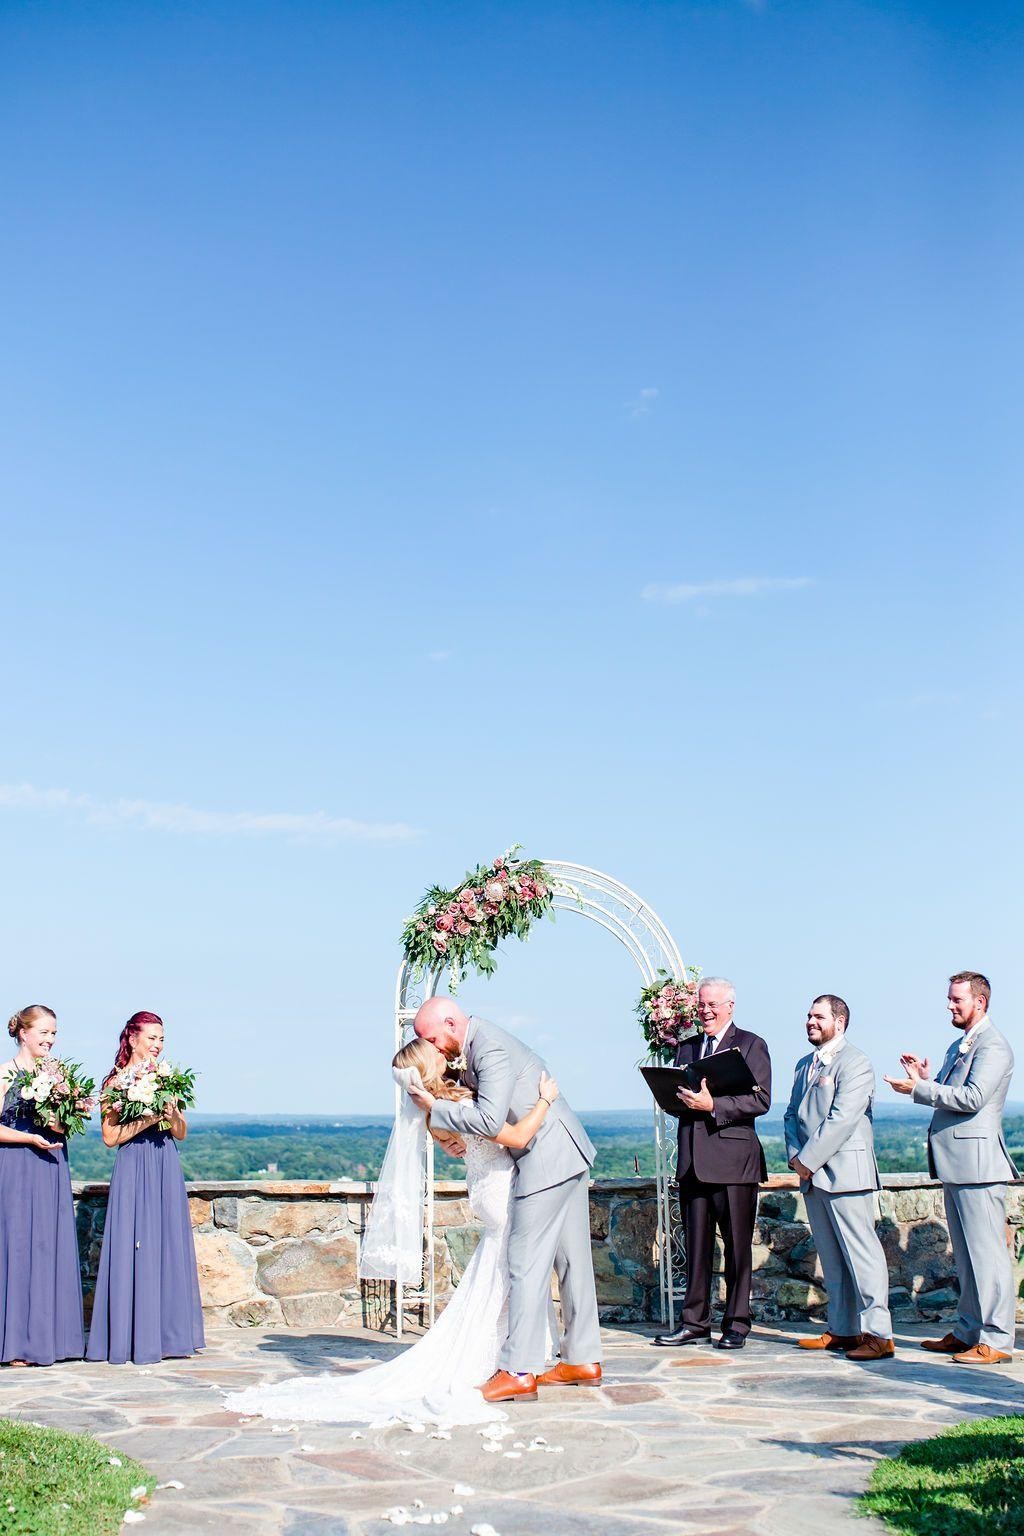 Best washington dc wedding photography 2019 showit